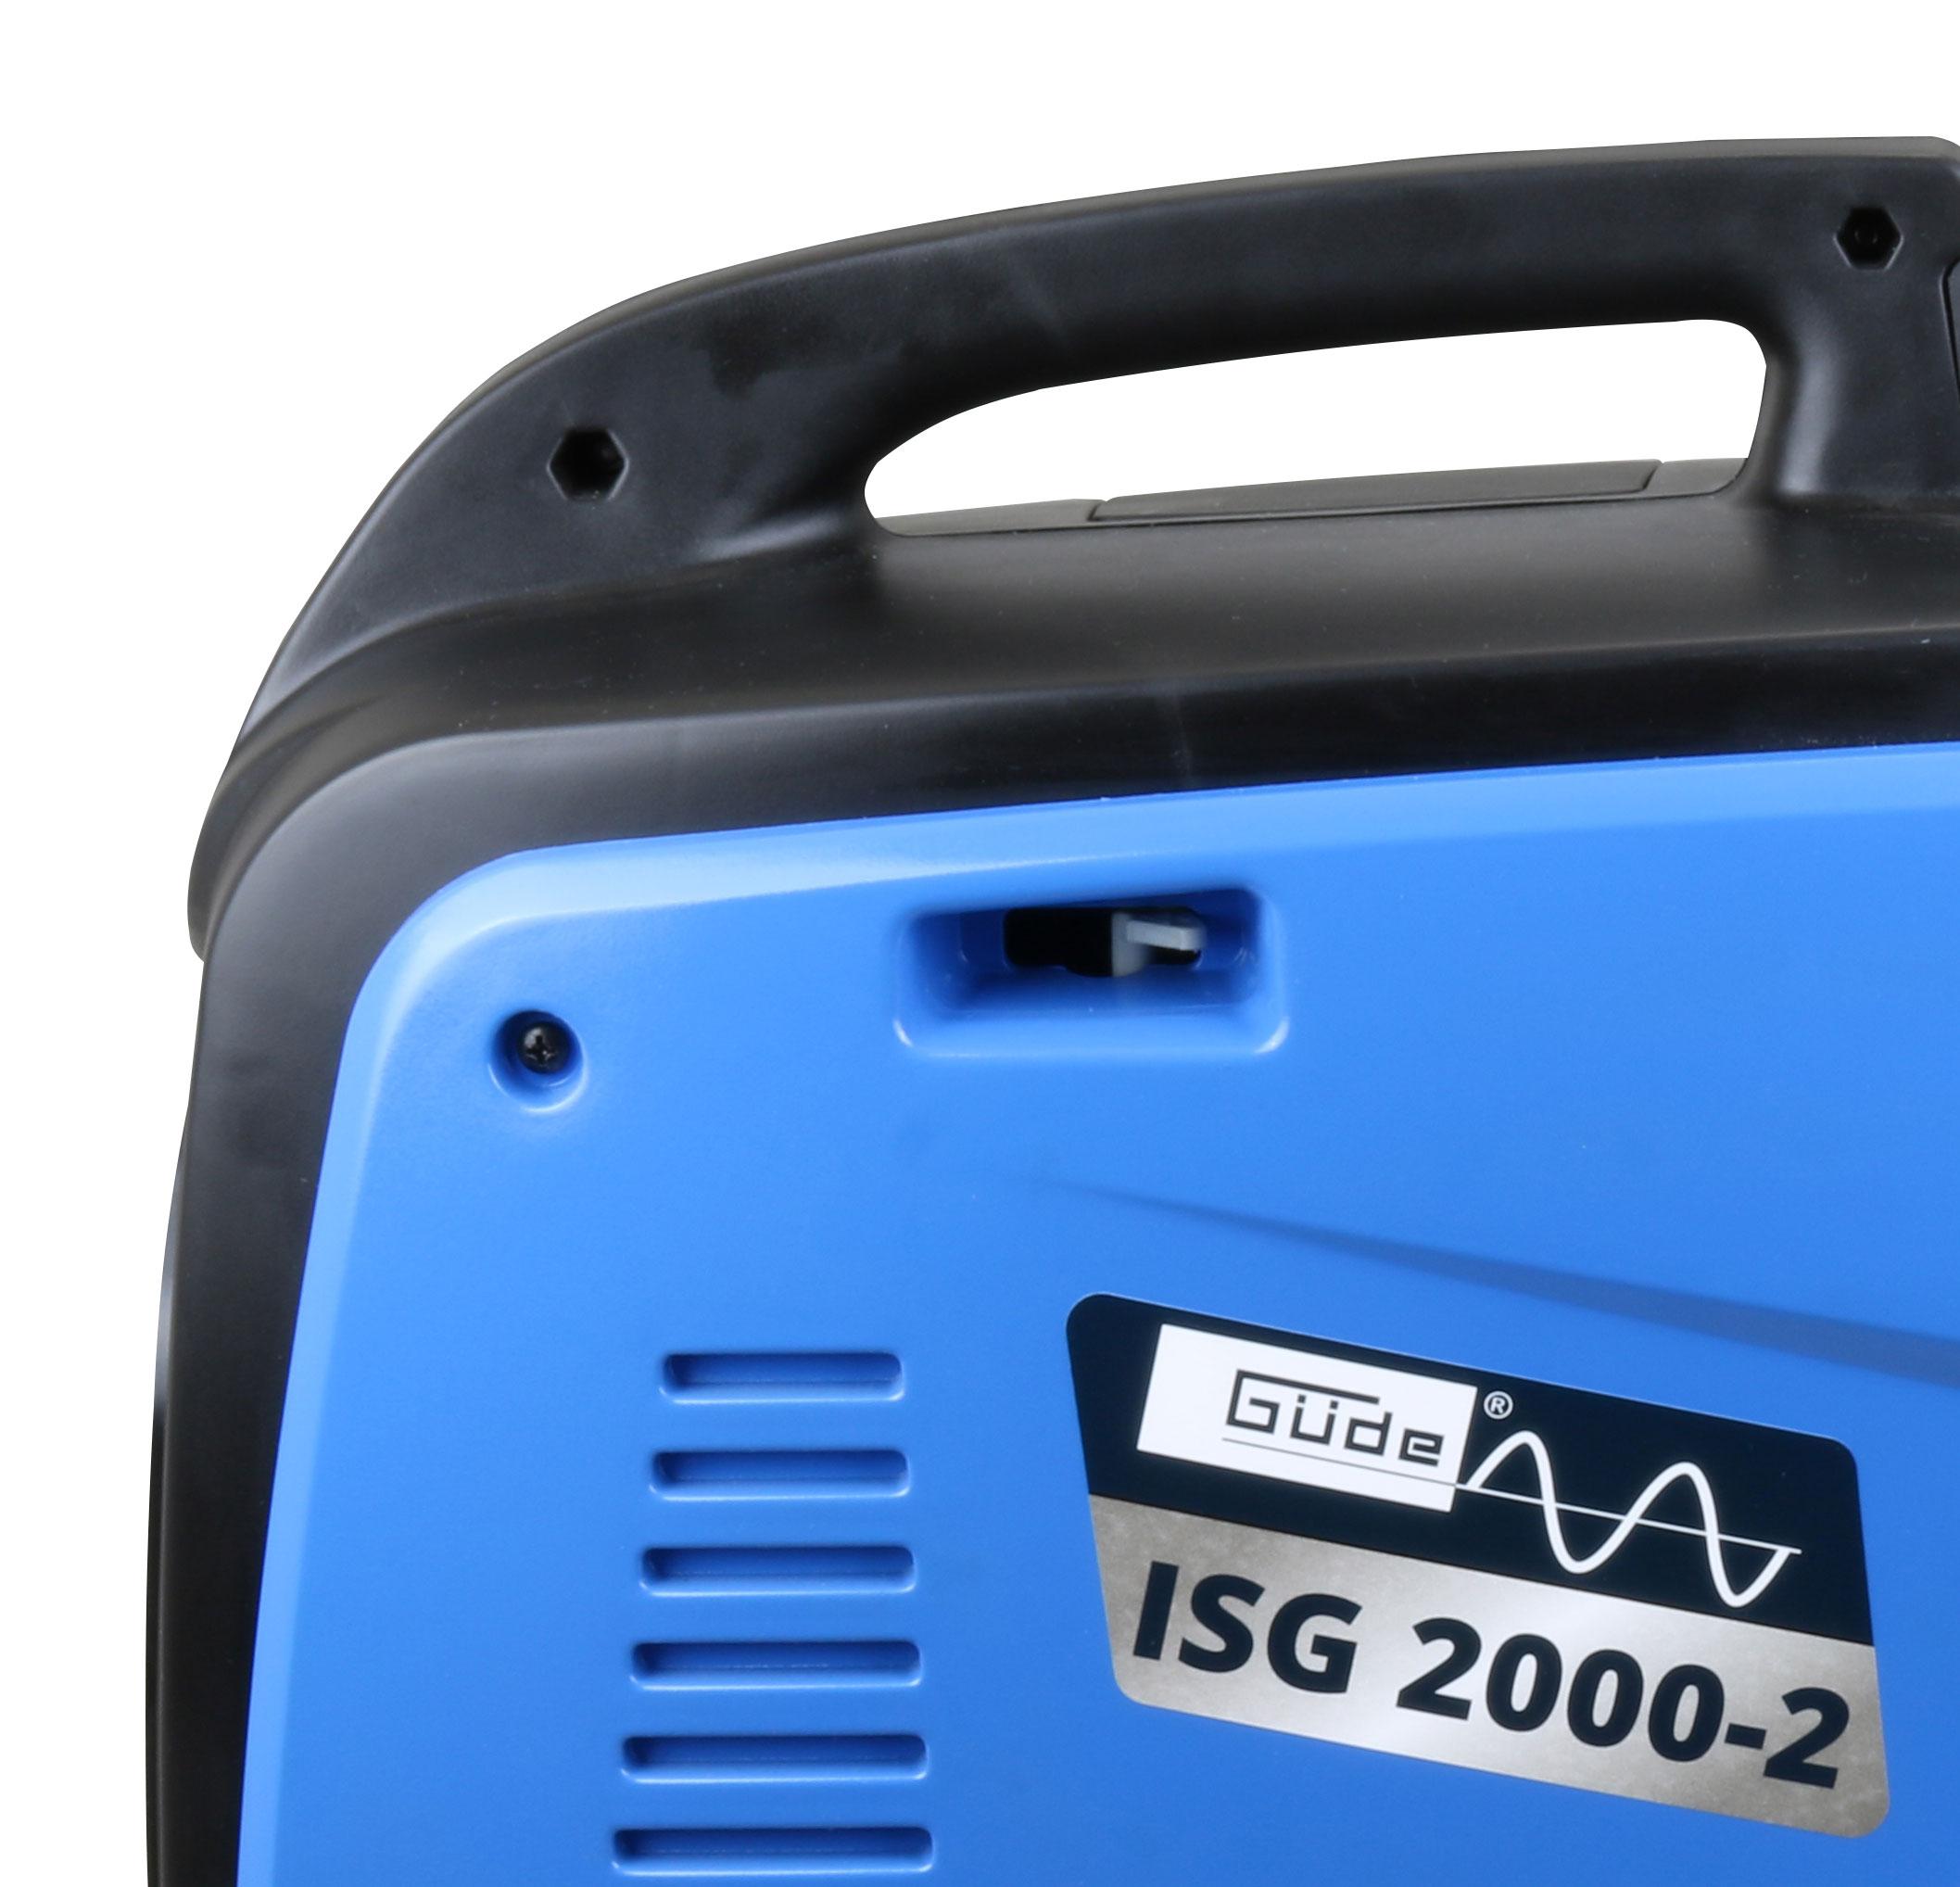 Inverter Stromerzeuger ISG 2000-2 Güde Bild 4